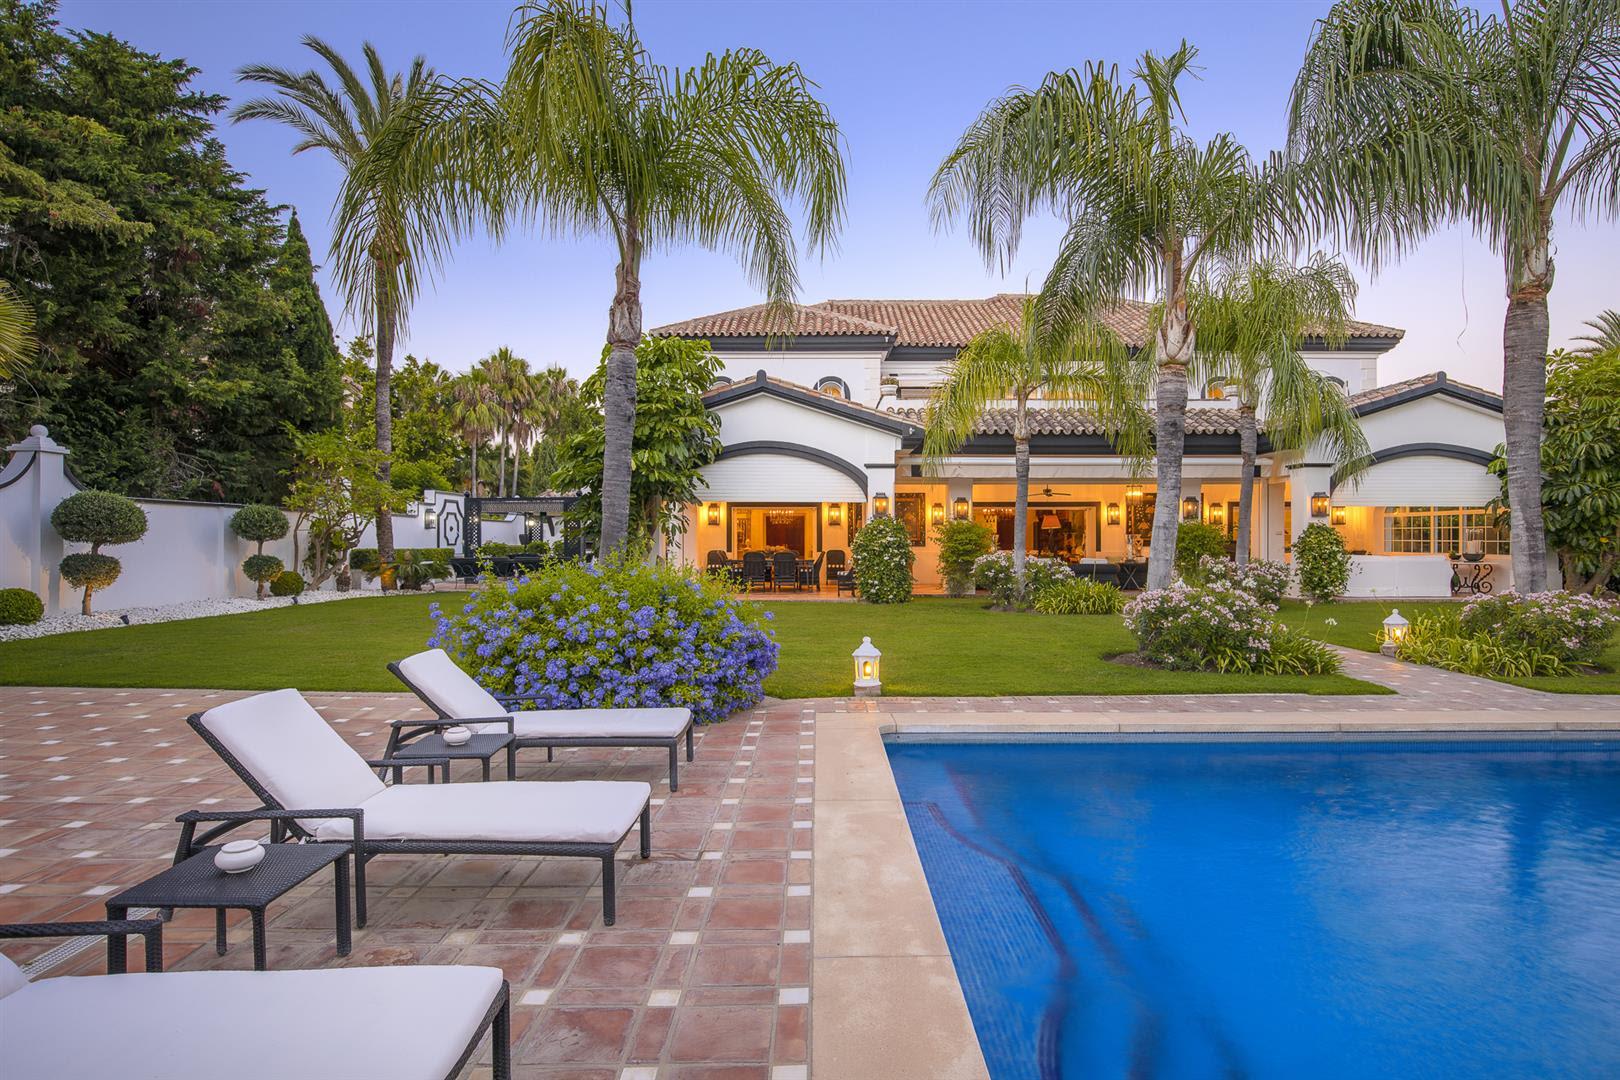 Majestic villa is located in Guadalmina Baja